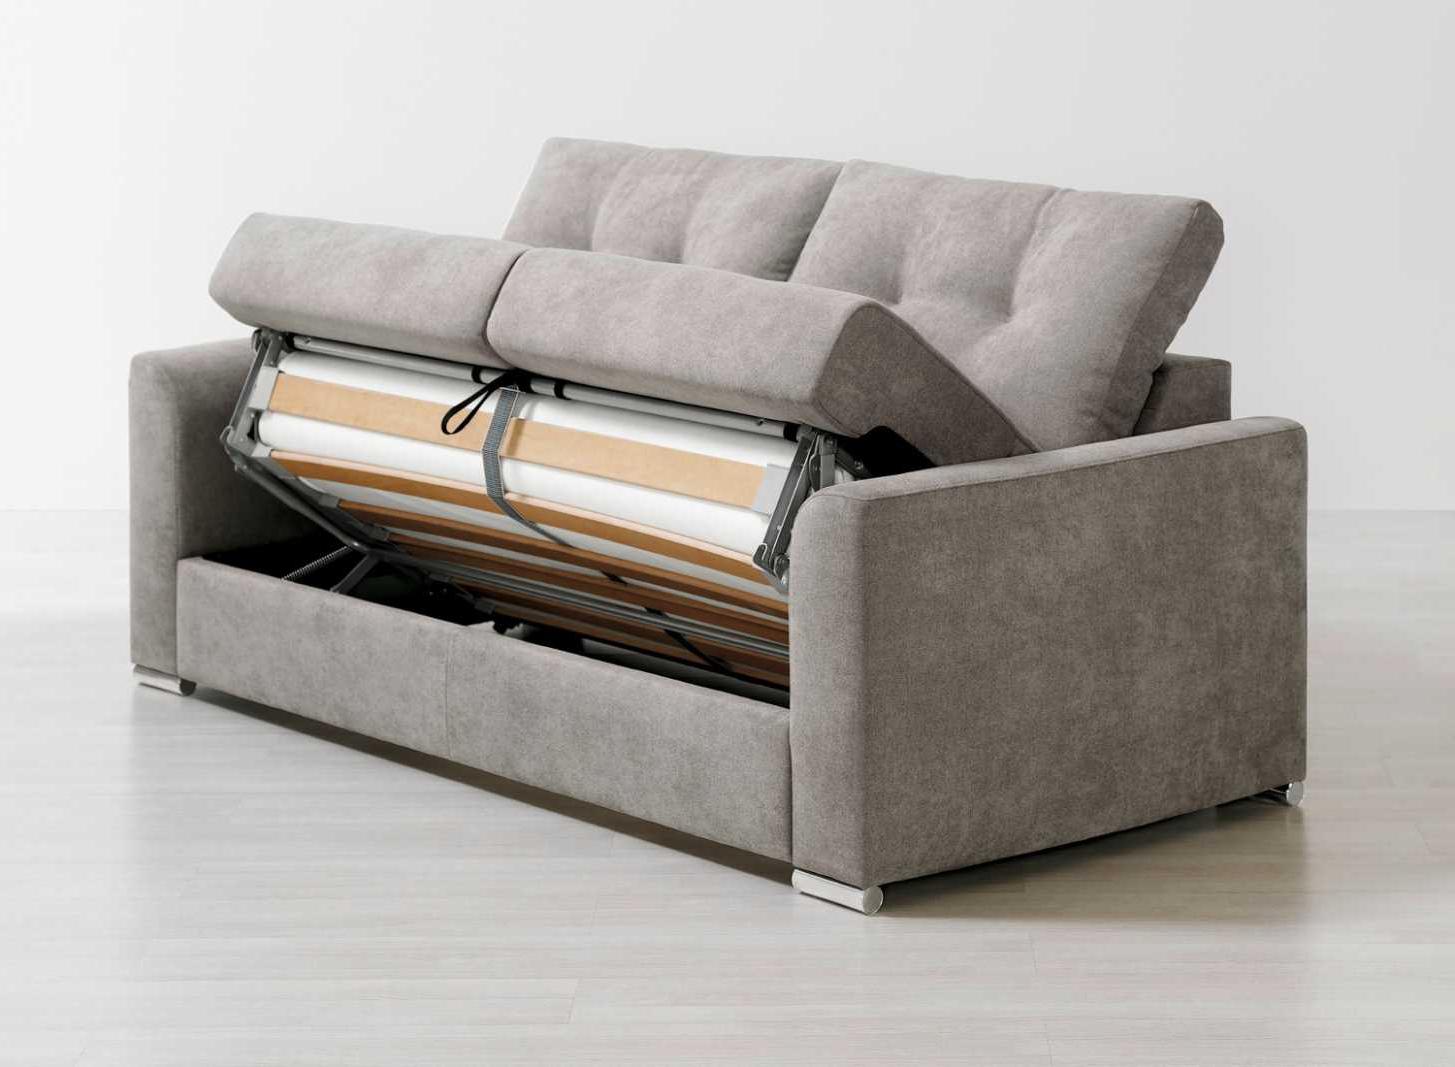 Sofa cama barato conforama baci living room for Sofa cama individual barato